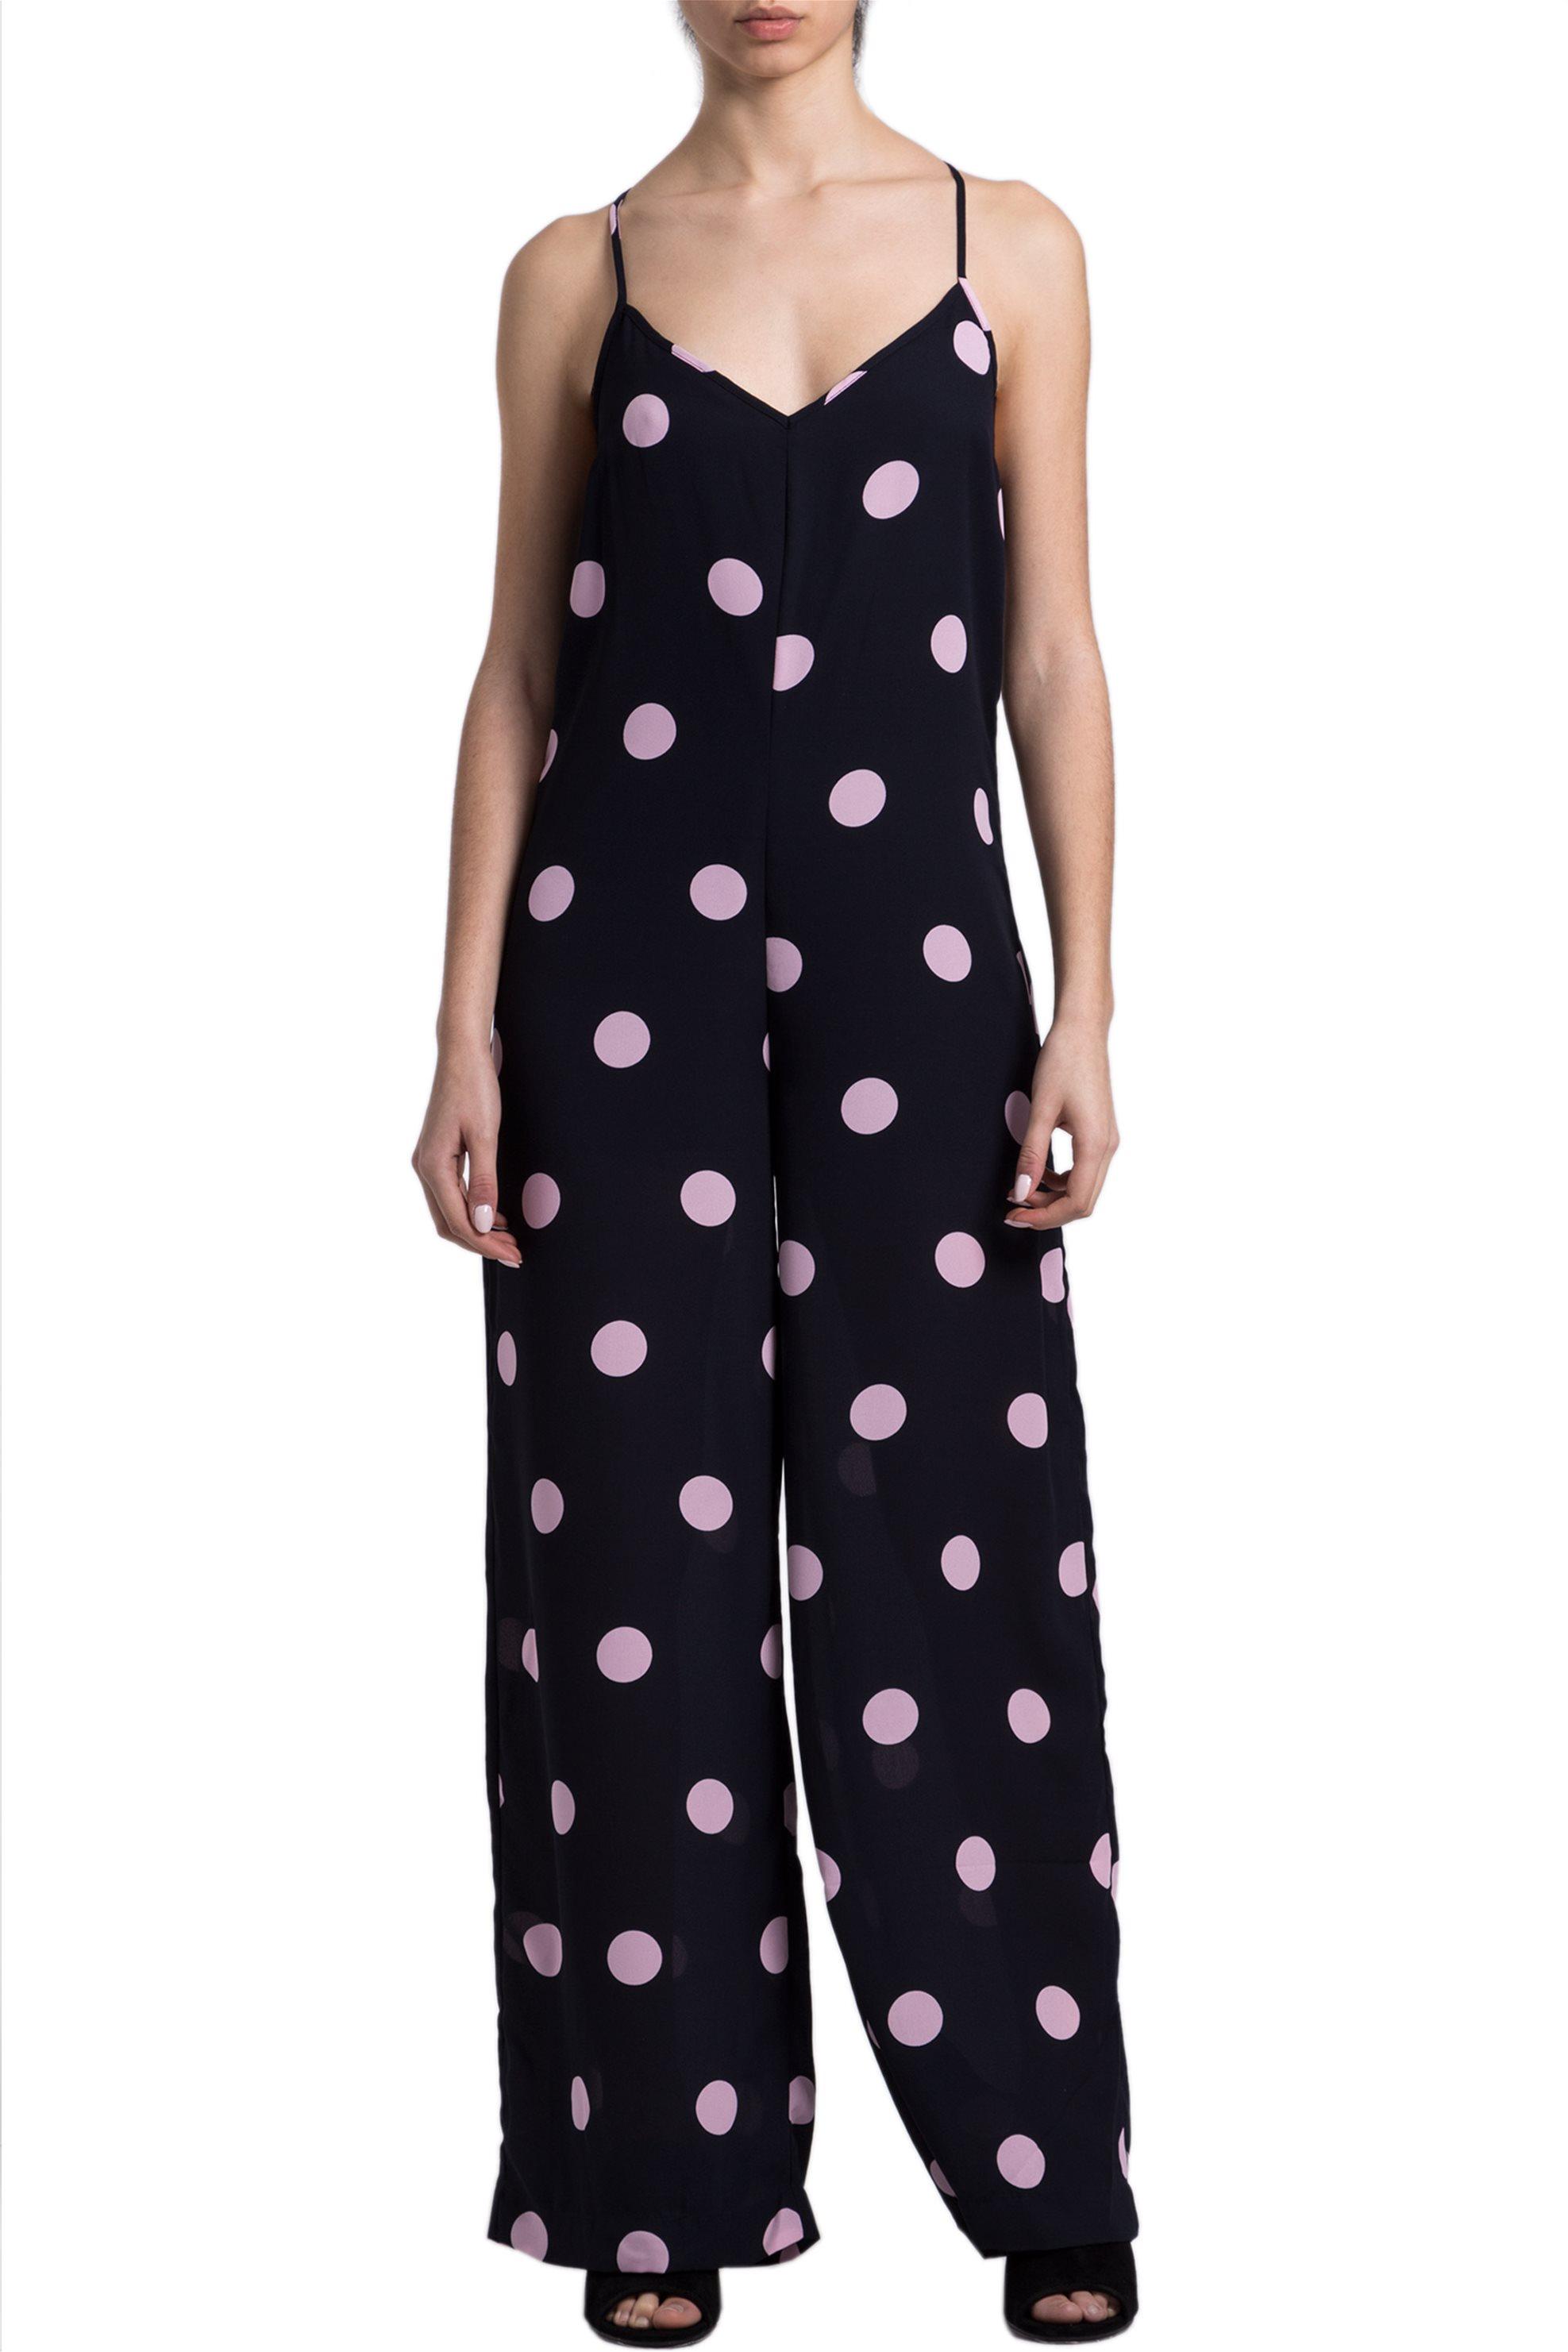 Γυναικεία ολόσωμη φόρμα Pepe Jeans - PL230211 - Μαύρο γυναικα   ρουχα   ολόσωμες φόρμες   σαλοπέτες